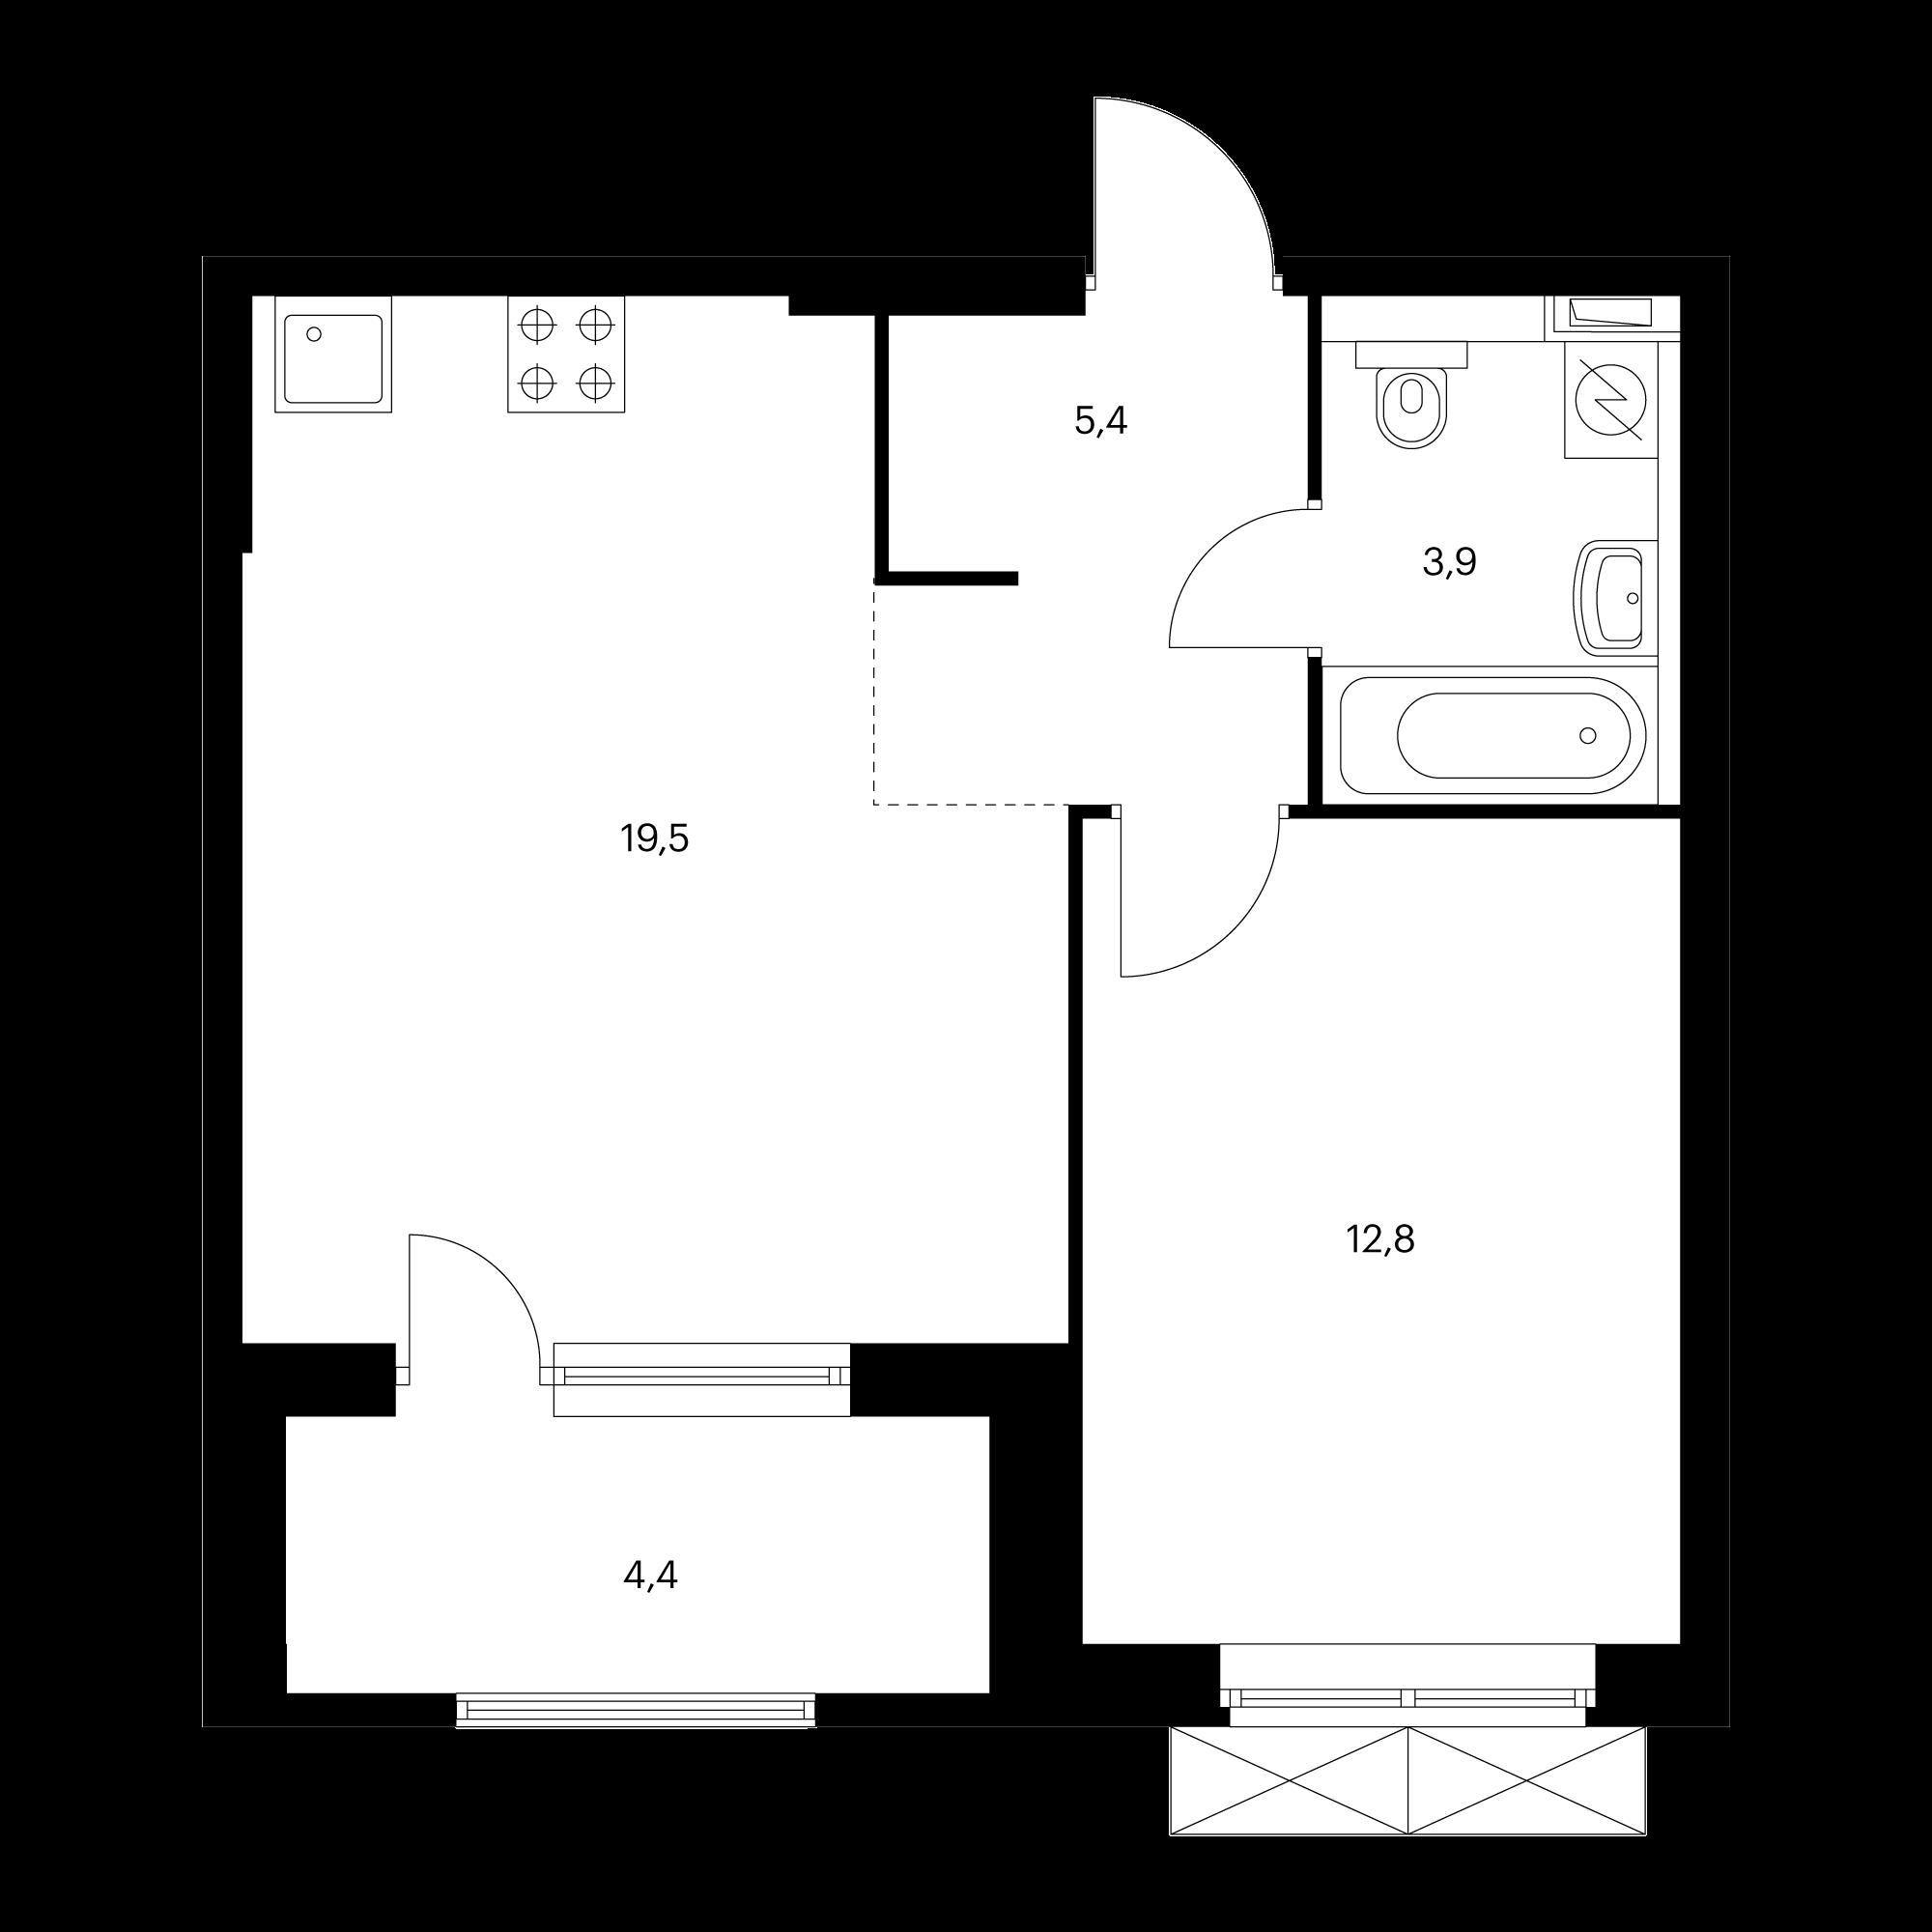 1-комнатная 43.8 м²